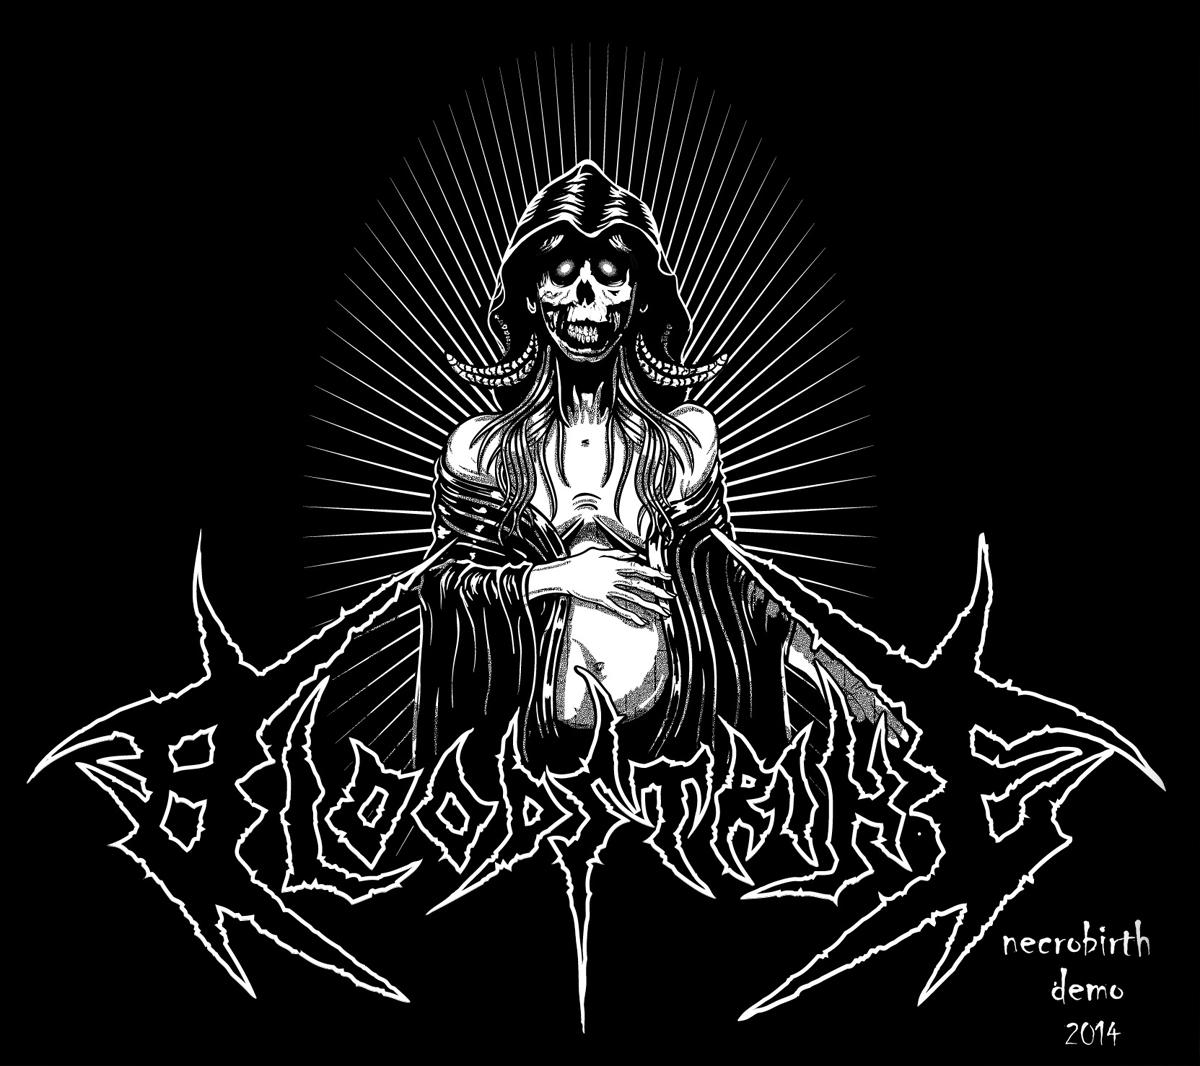 Bloodstrike – Necrobirth (demo)